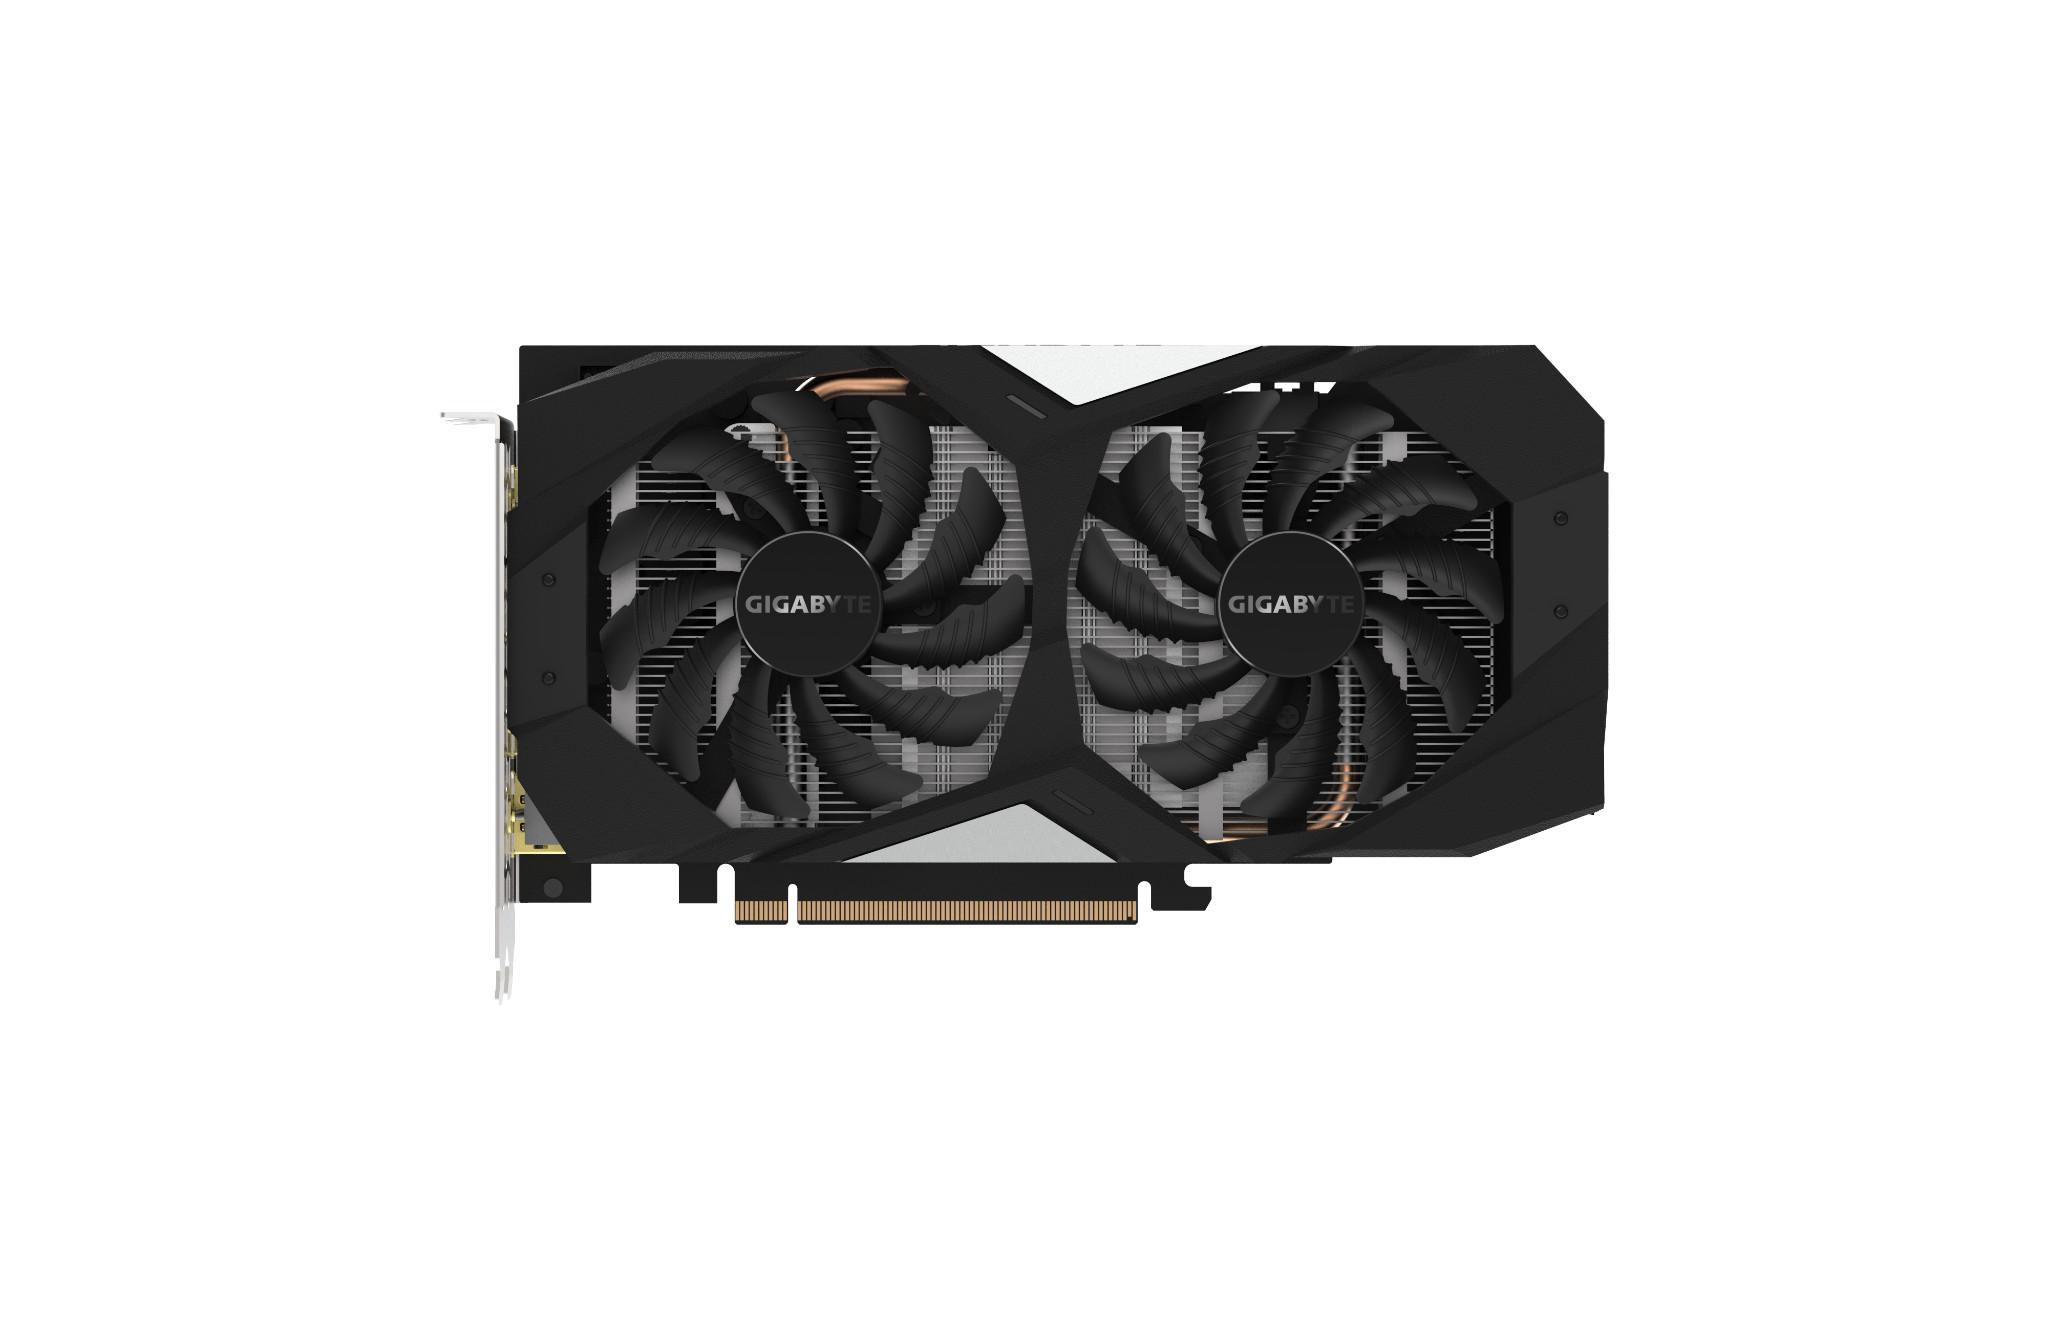 Card màn hình GIGABYTE GeForce GTX 1660 6GB GDDR5 OC (GV-N1660OC-6GD) - Hàng Chính Hãng